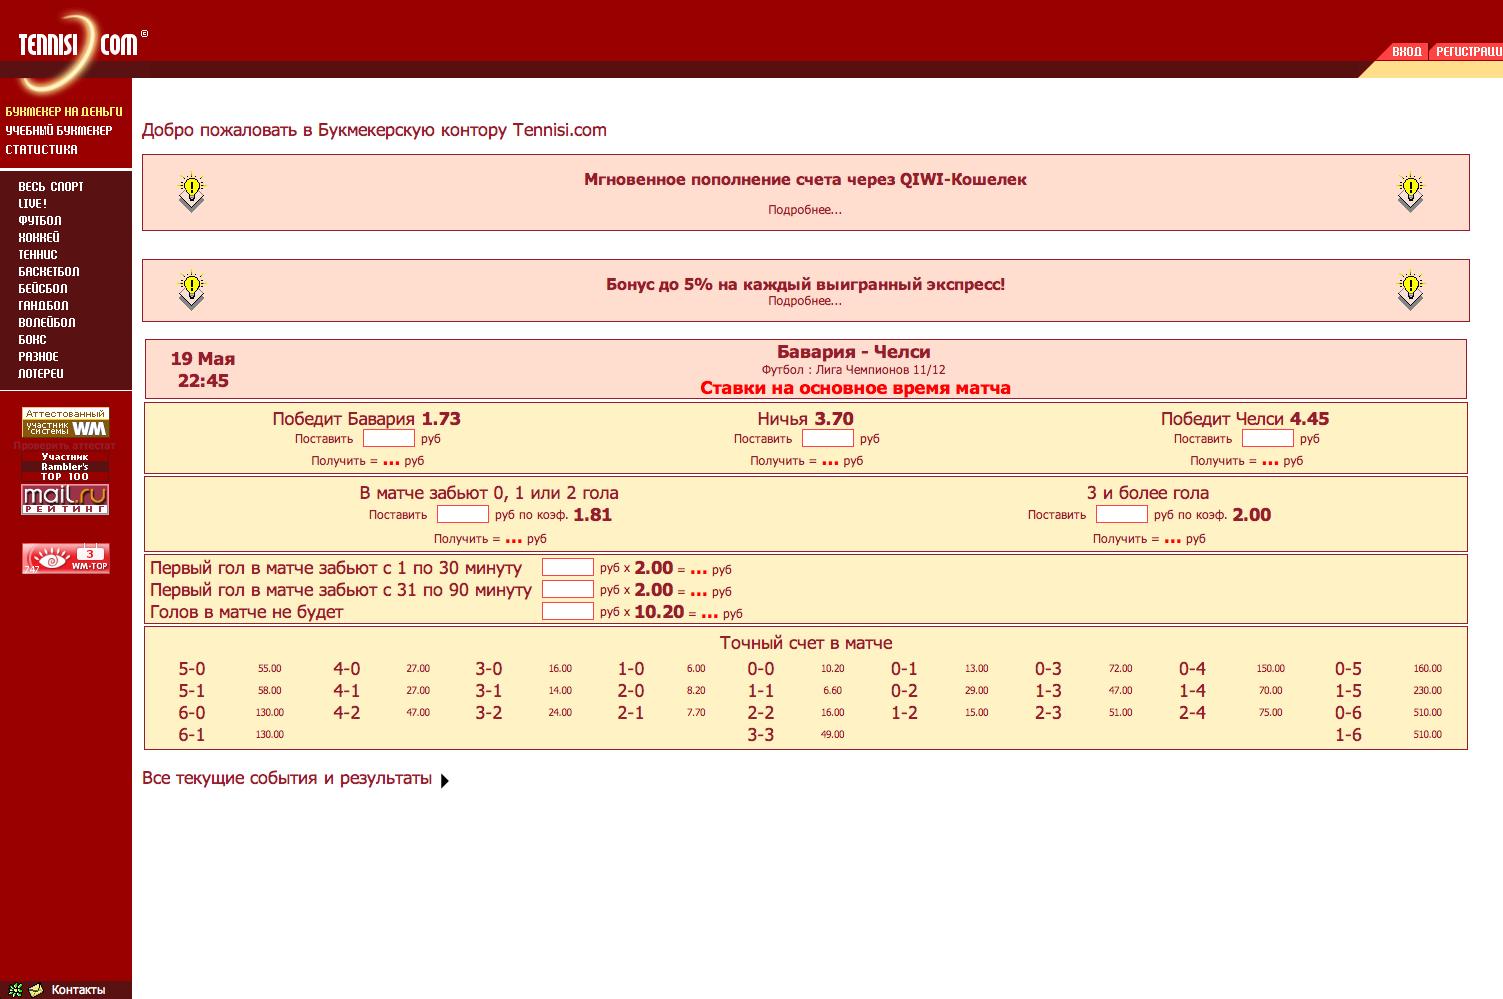 2012 – 05 – 13 – ставки на Финал Евролиги УЛЕБ, прогнозы на Финал Евролиги УЛЕБ